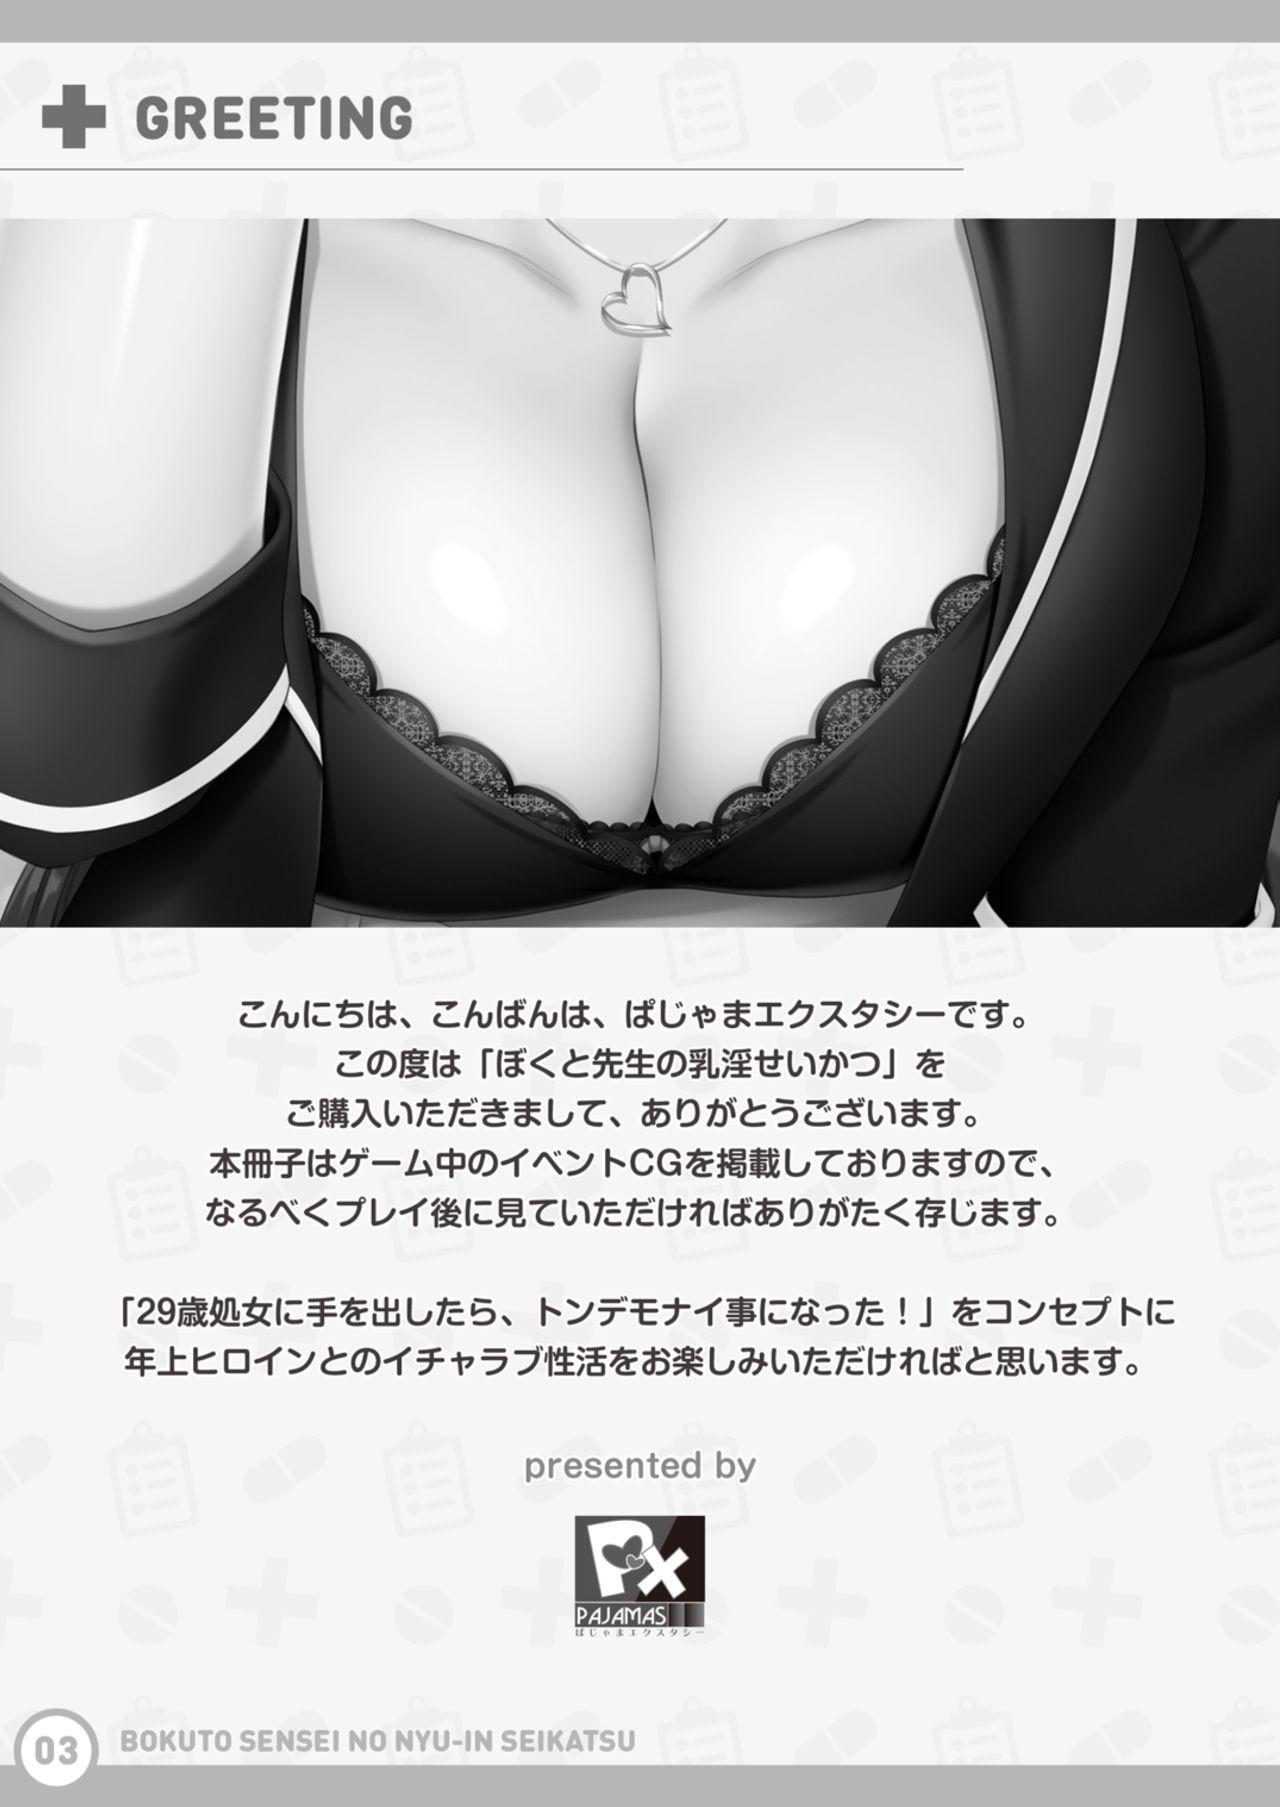 Boku to Sensei no Nyuuin Seikatsu Tokuten 1